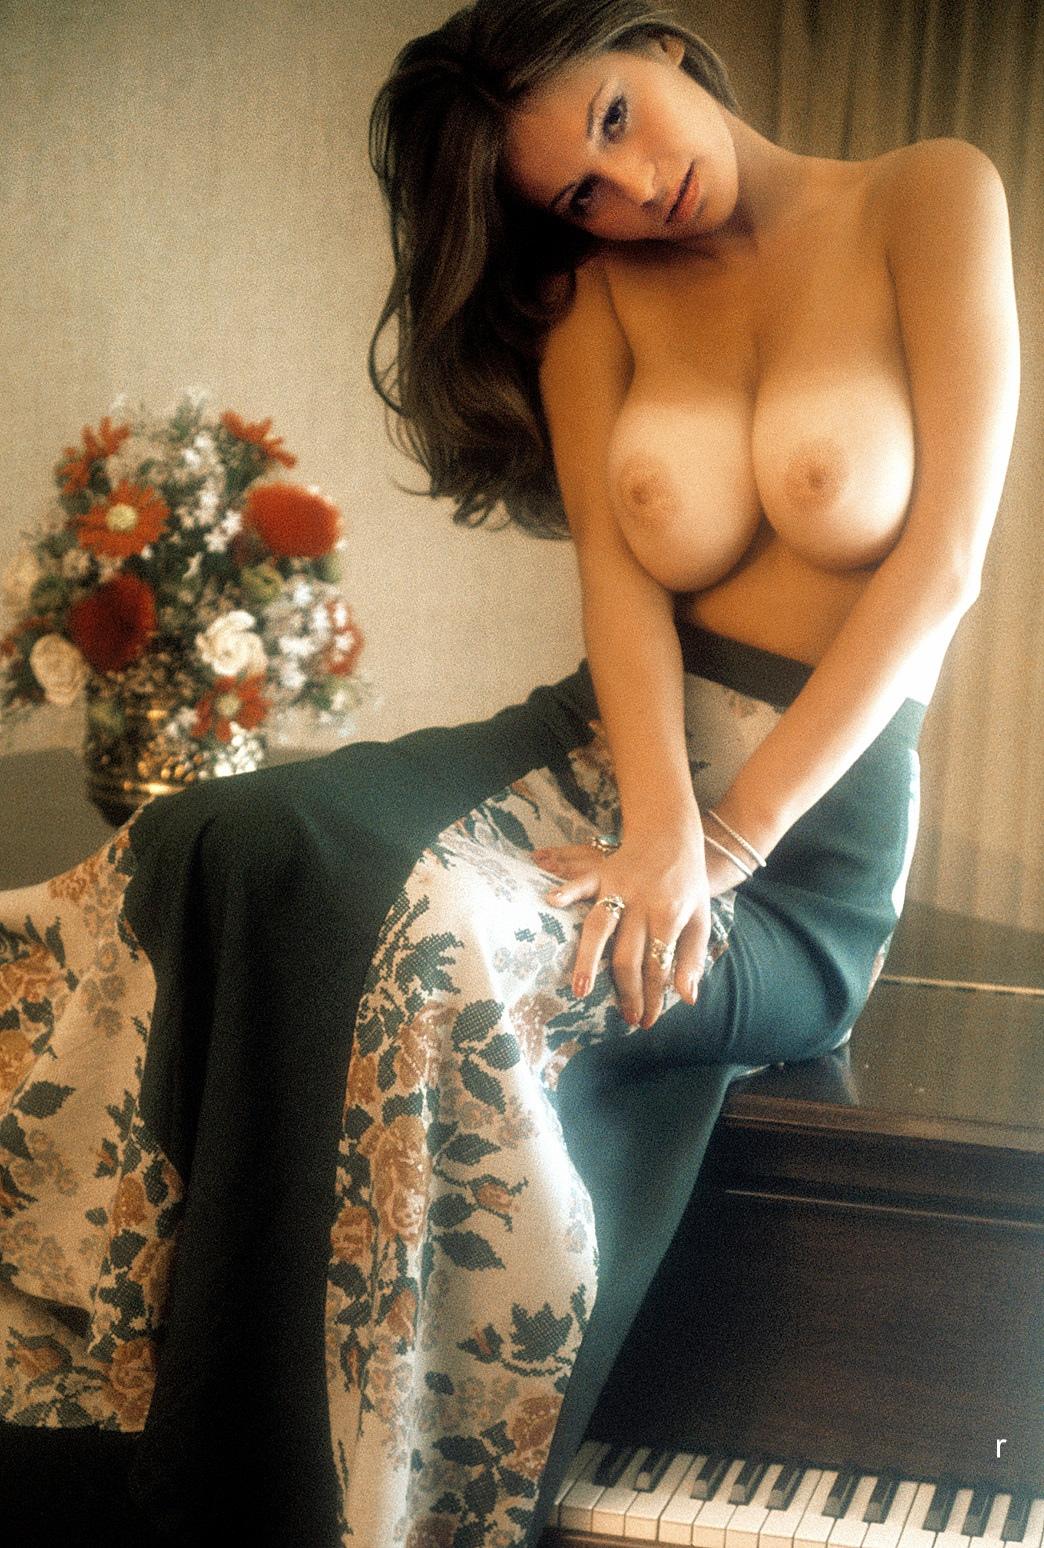 Linda doucett naked hot girls pussy